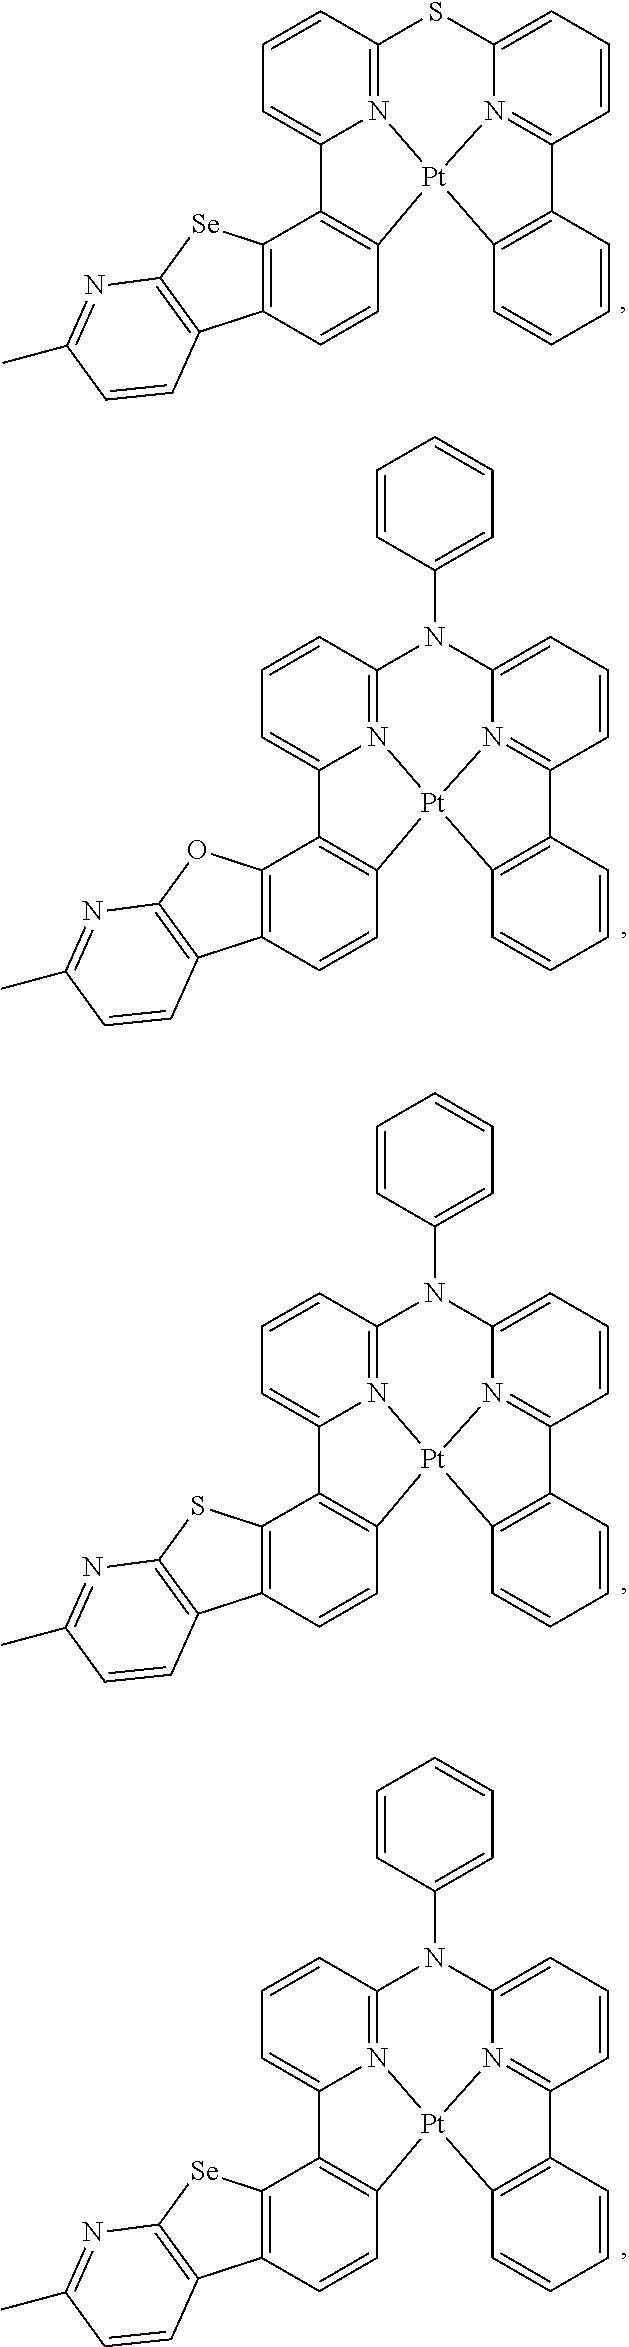 Figure US09871214-20180116-C00271